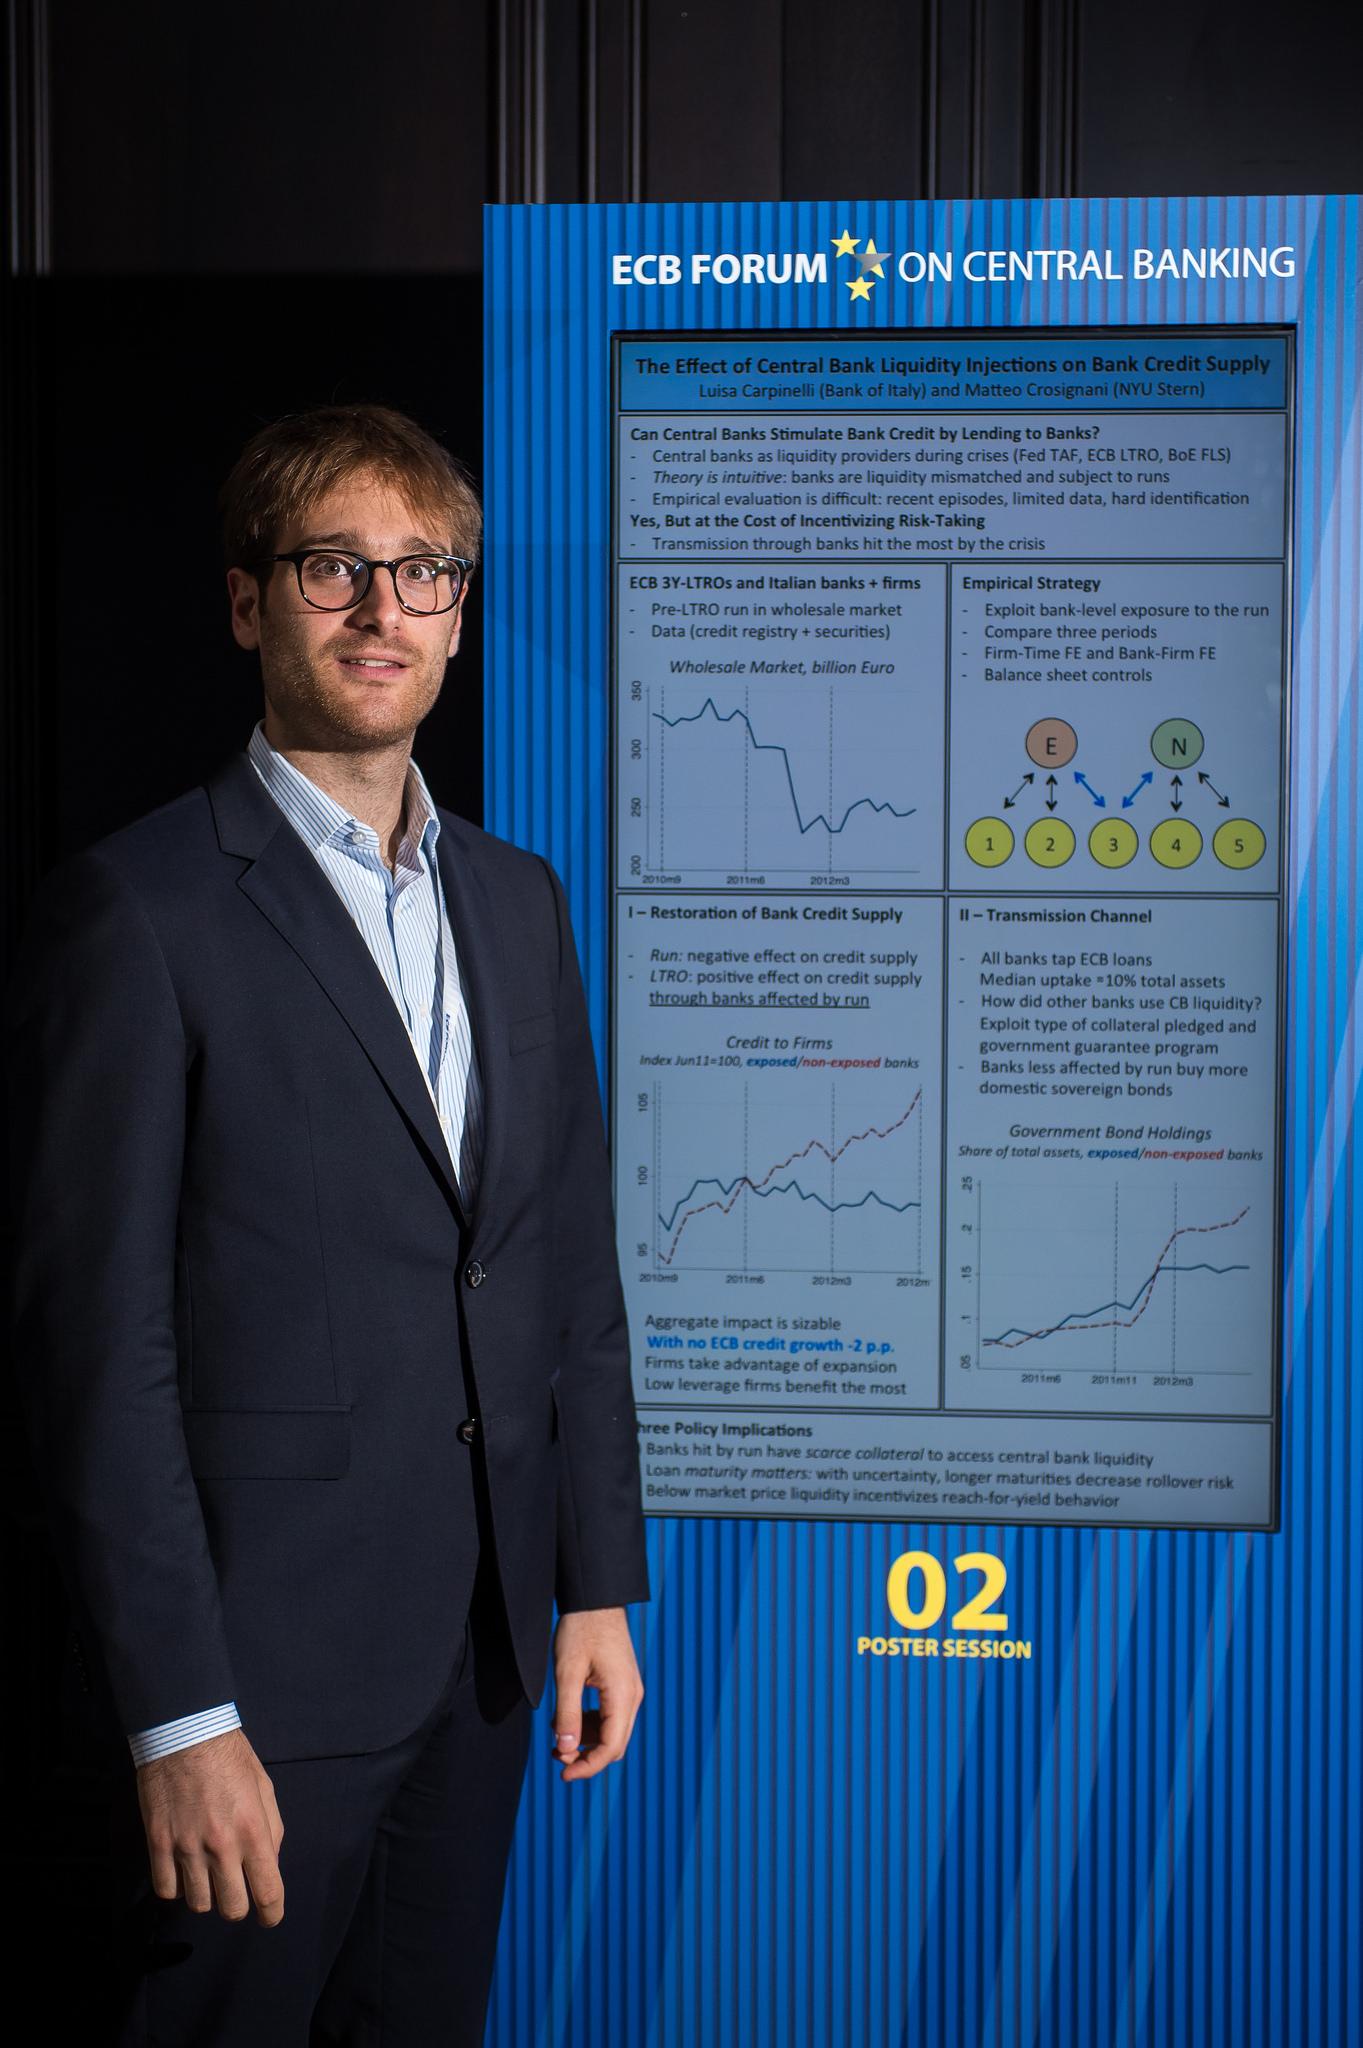 economista italiano Matteo Crosignani davanti al poster che illustra la sua ricerca, vincitrice del Premio della Banca Centrale Europea